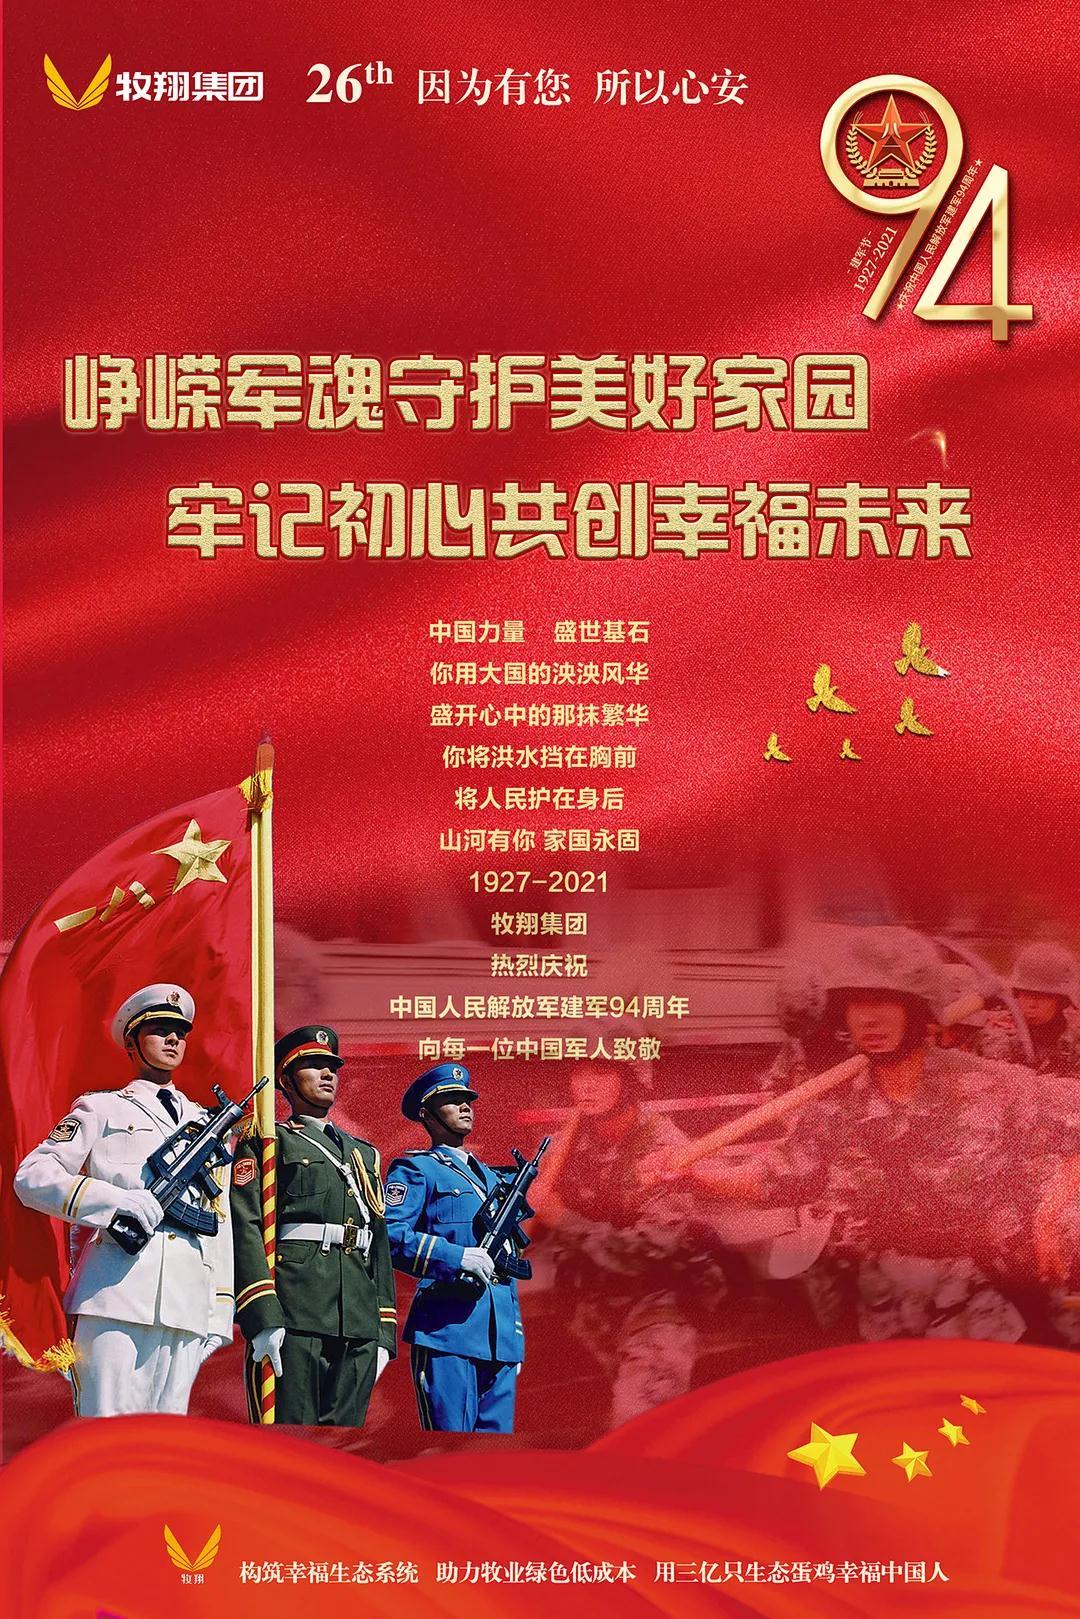 八一建軍節 | 牧翔集團祝賀中國人民解放軍成立94周年